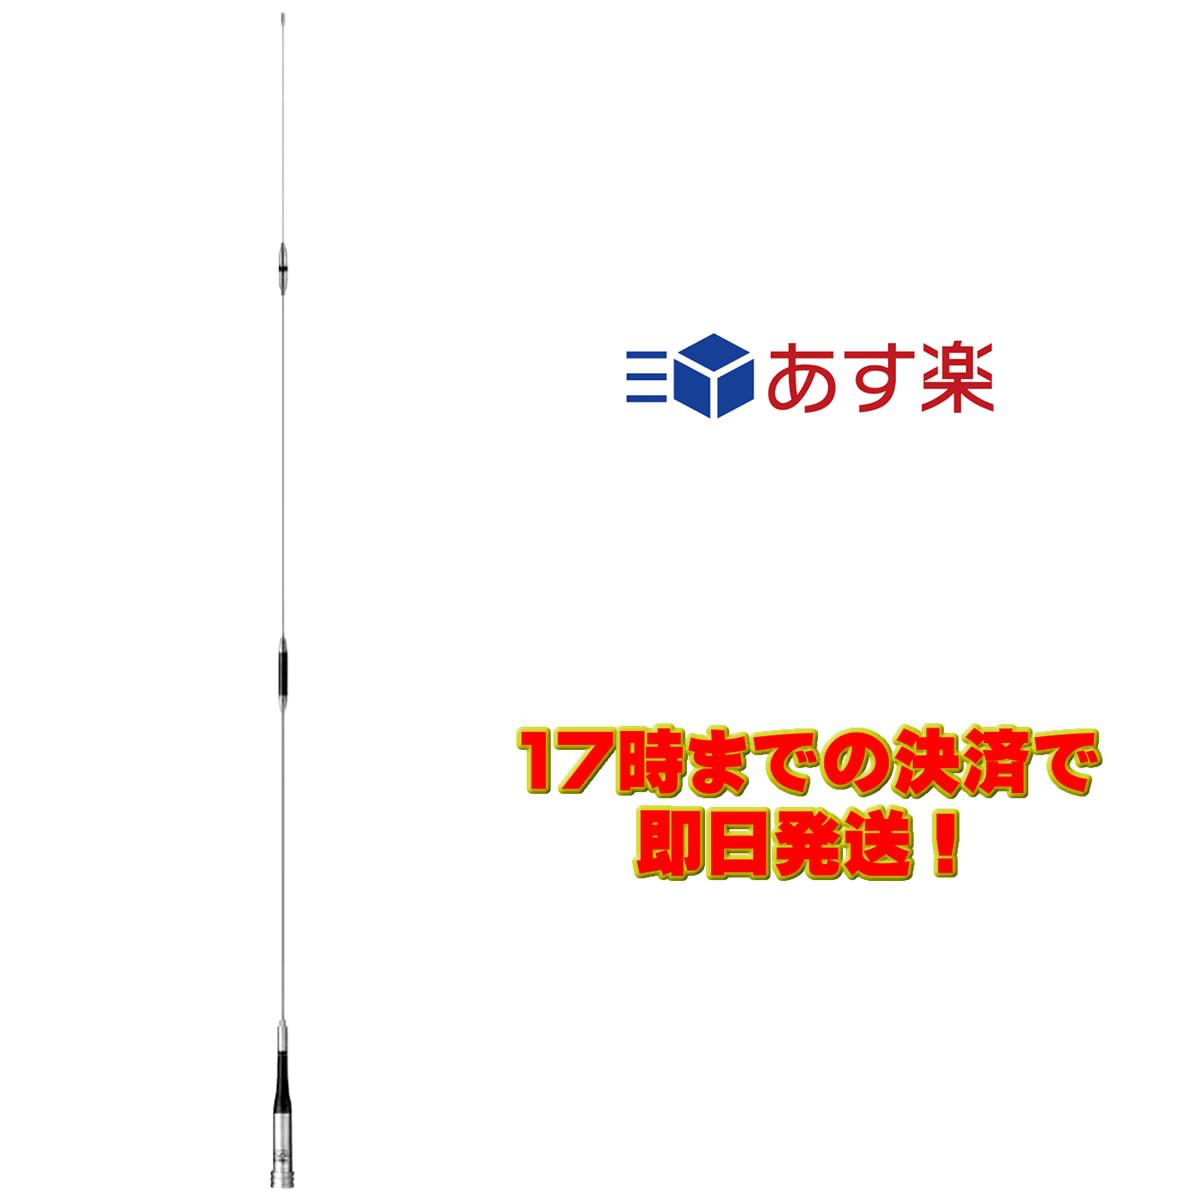 【ラッキーシール対応】 SG-M911 ダイヤモンド 50/144/430MHz帯3バンドモービルアンテナ(レピーター対応型)(D-STAR対応)